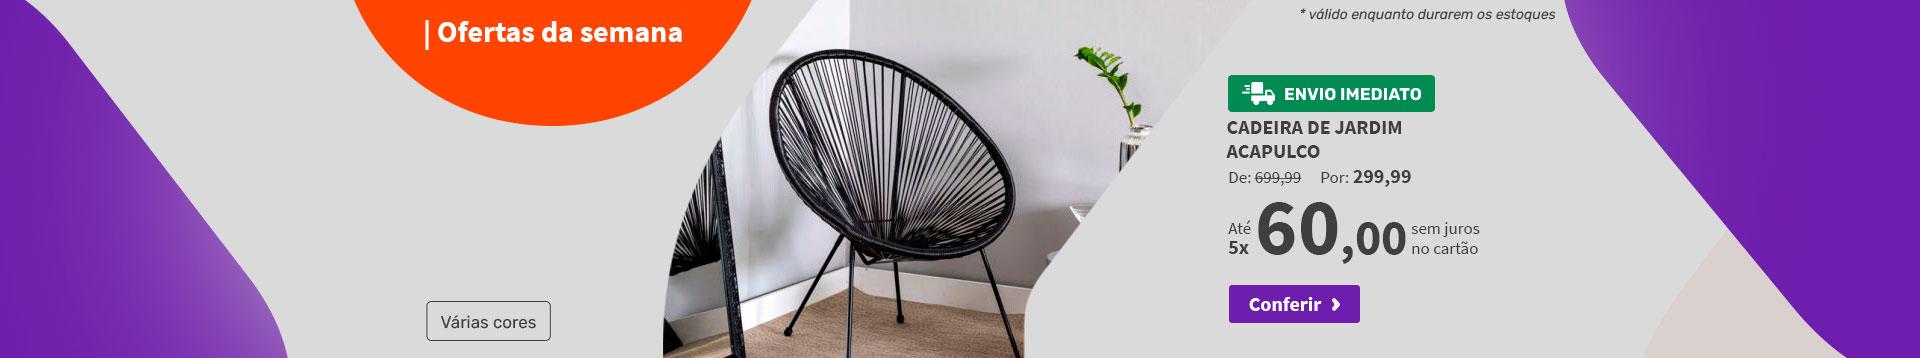 Cadeira de Jardim Acapulco - Ofertas da semana